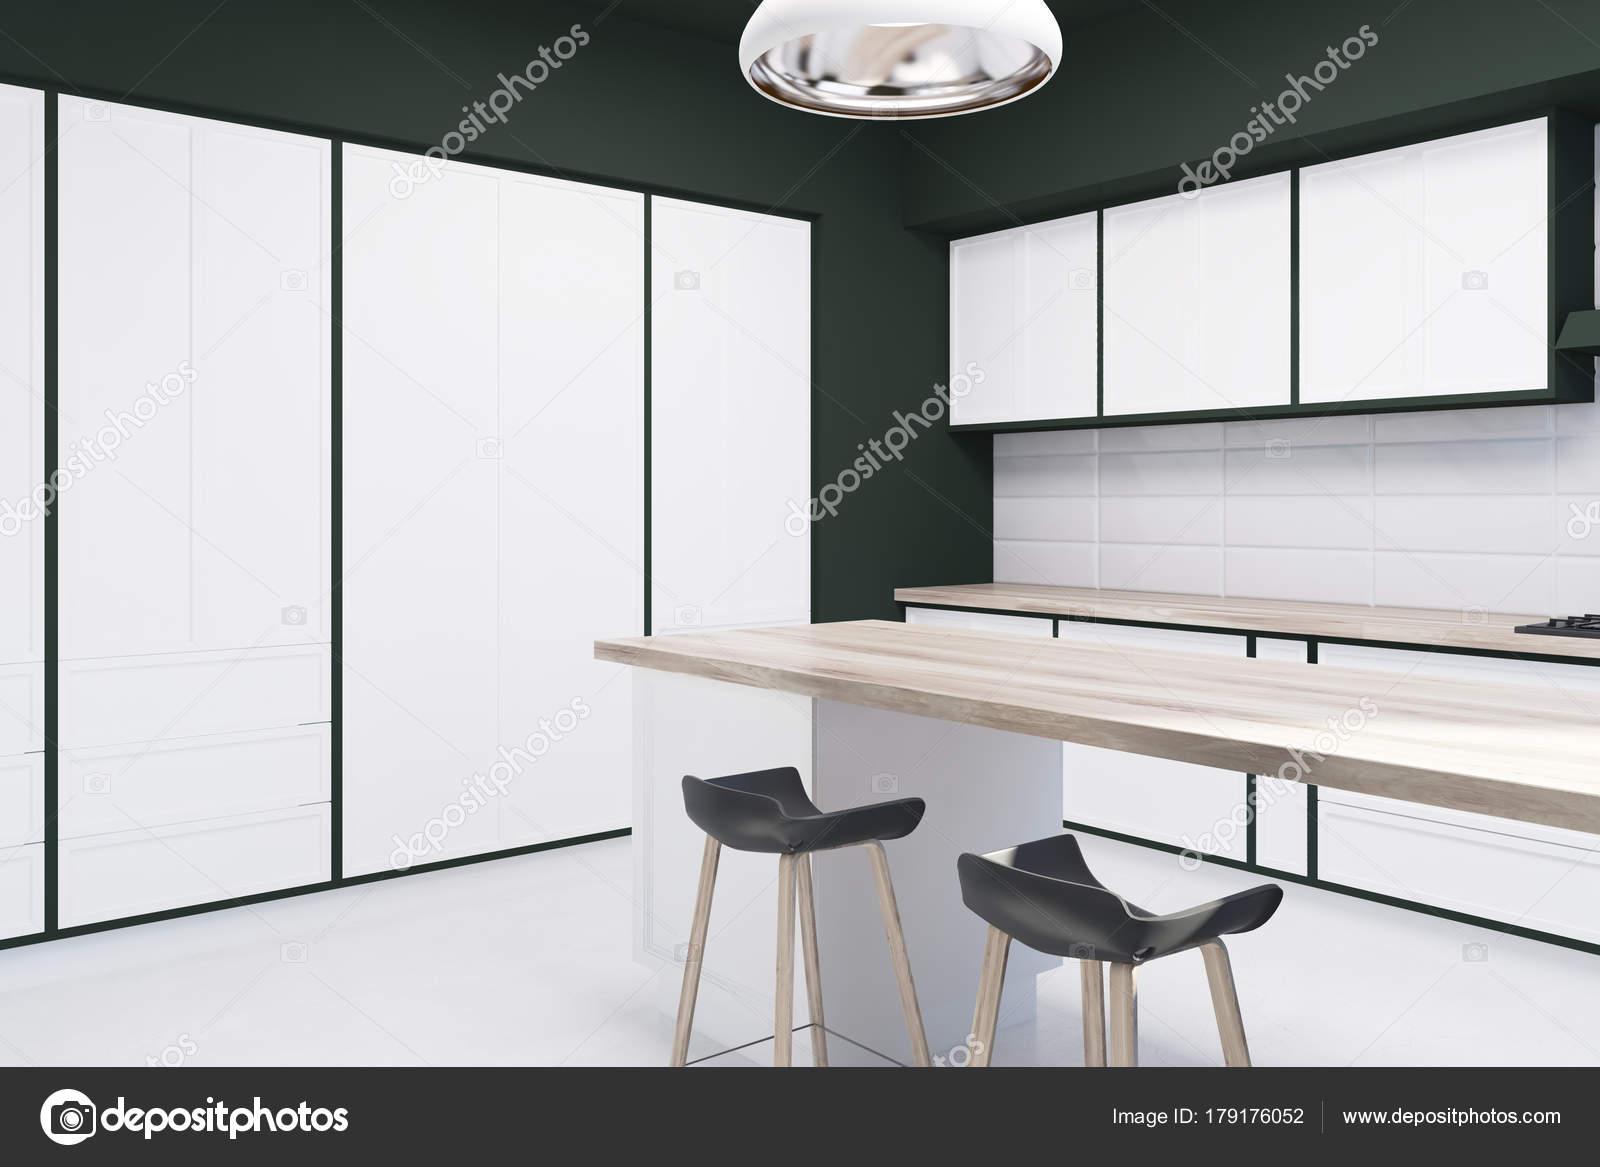 Mattonelle bianche e nere cucina bar lato — Foto Stock ...